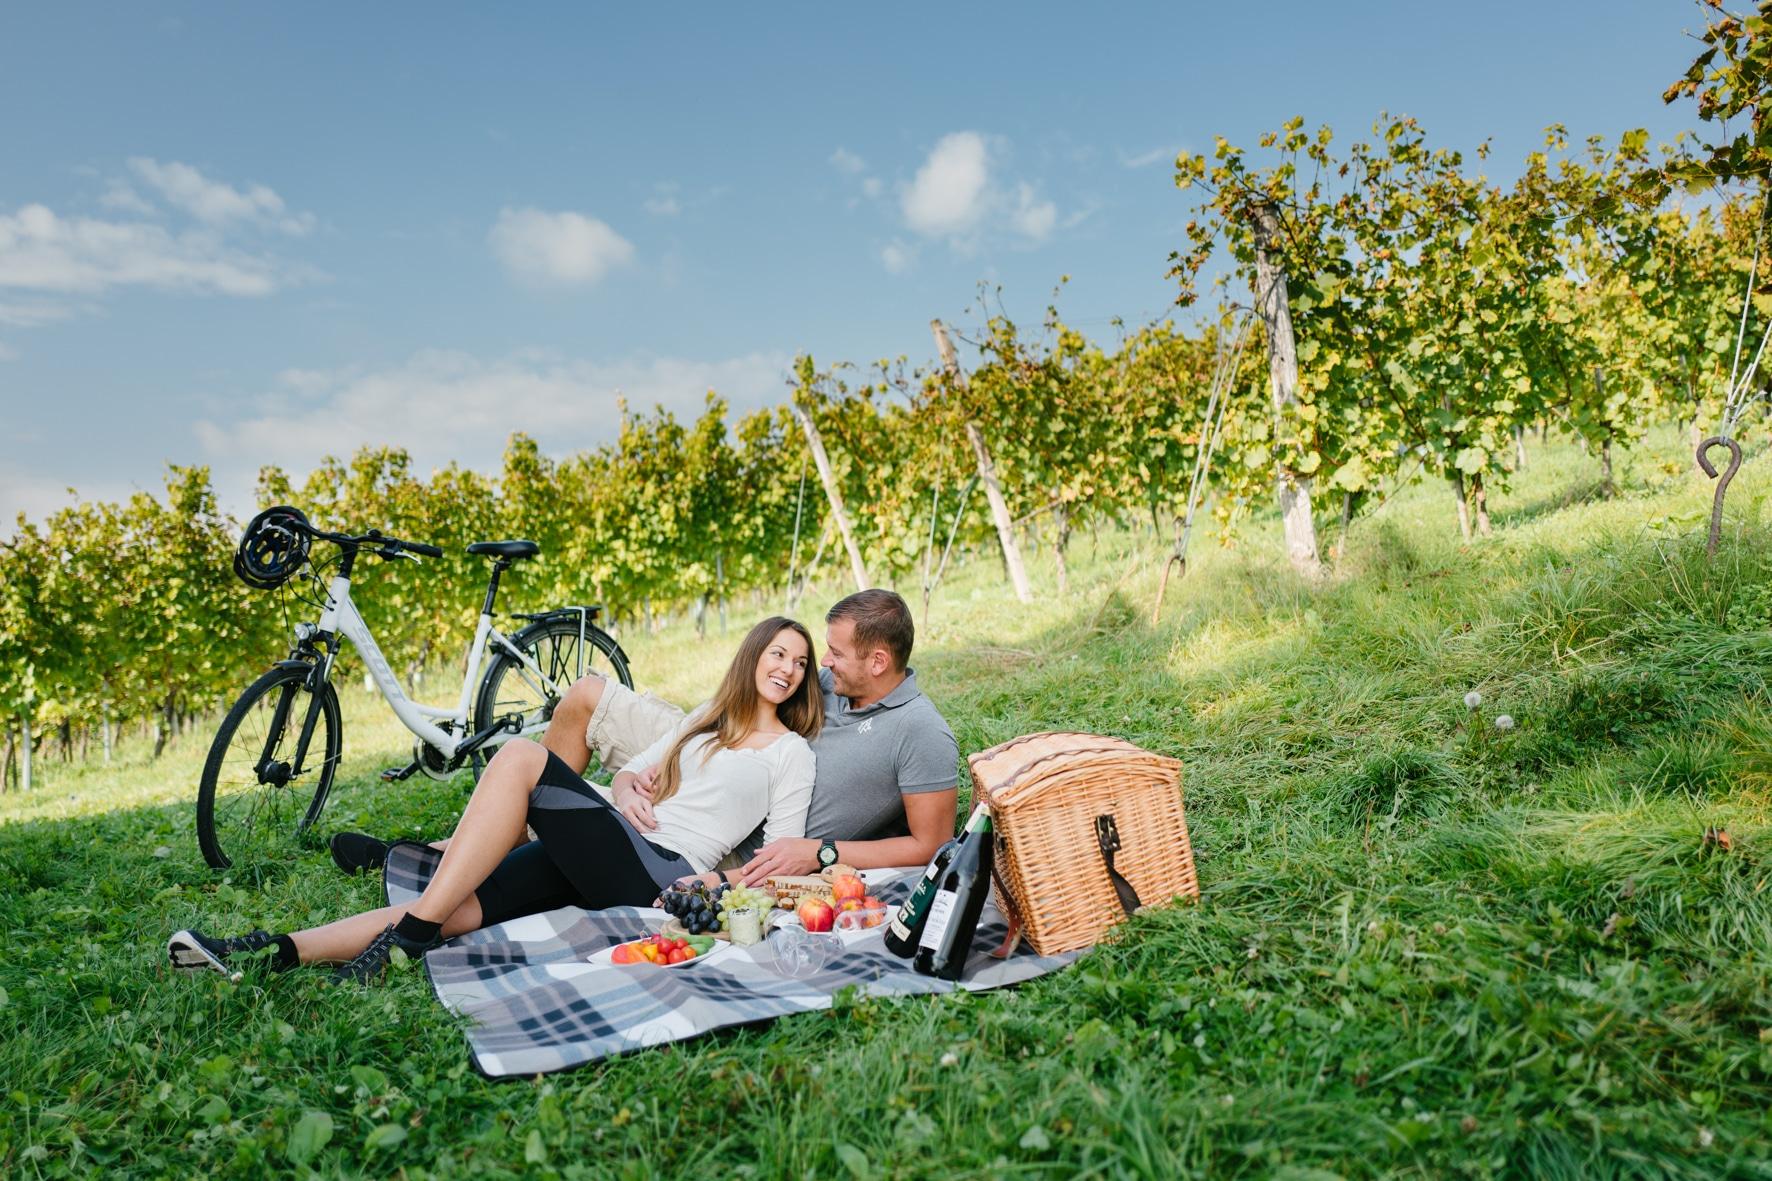 Picknick mit dem Rad St. Ruprecht an der Raab